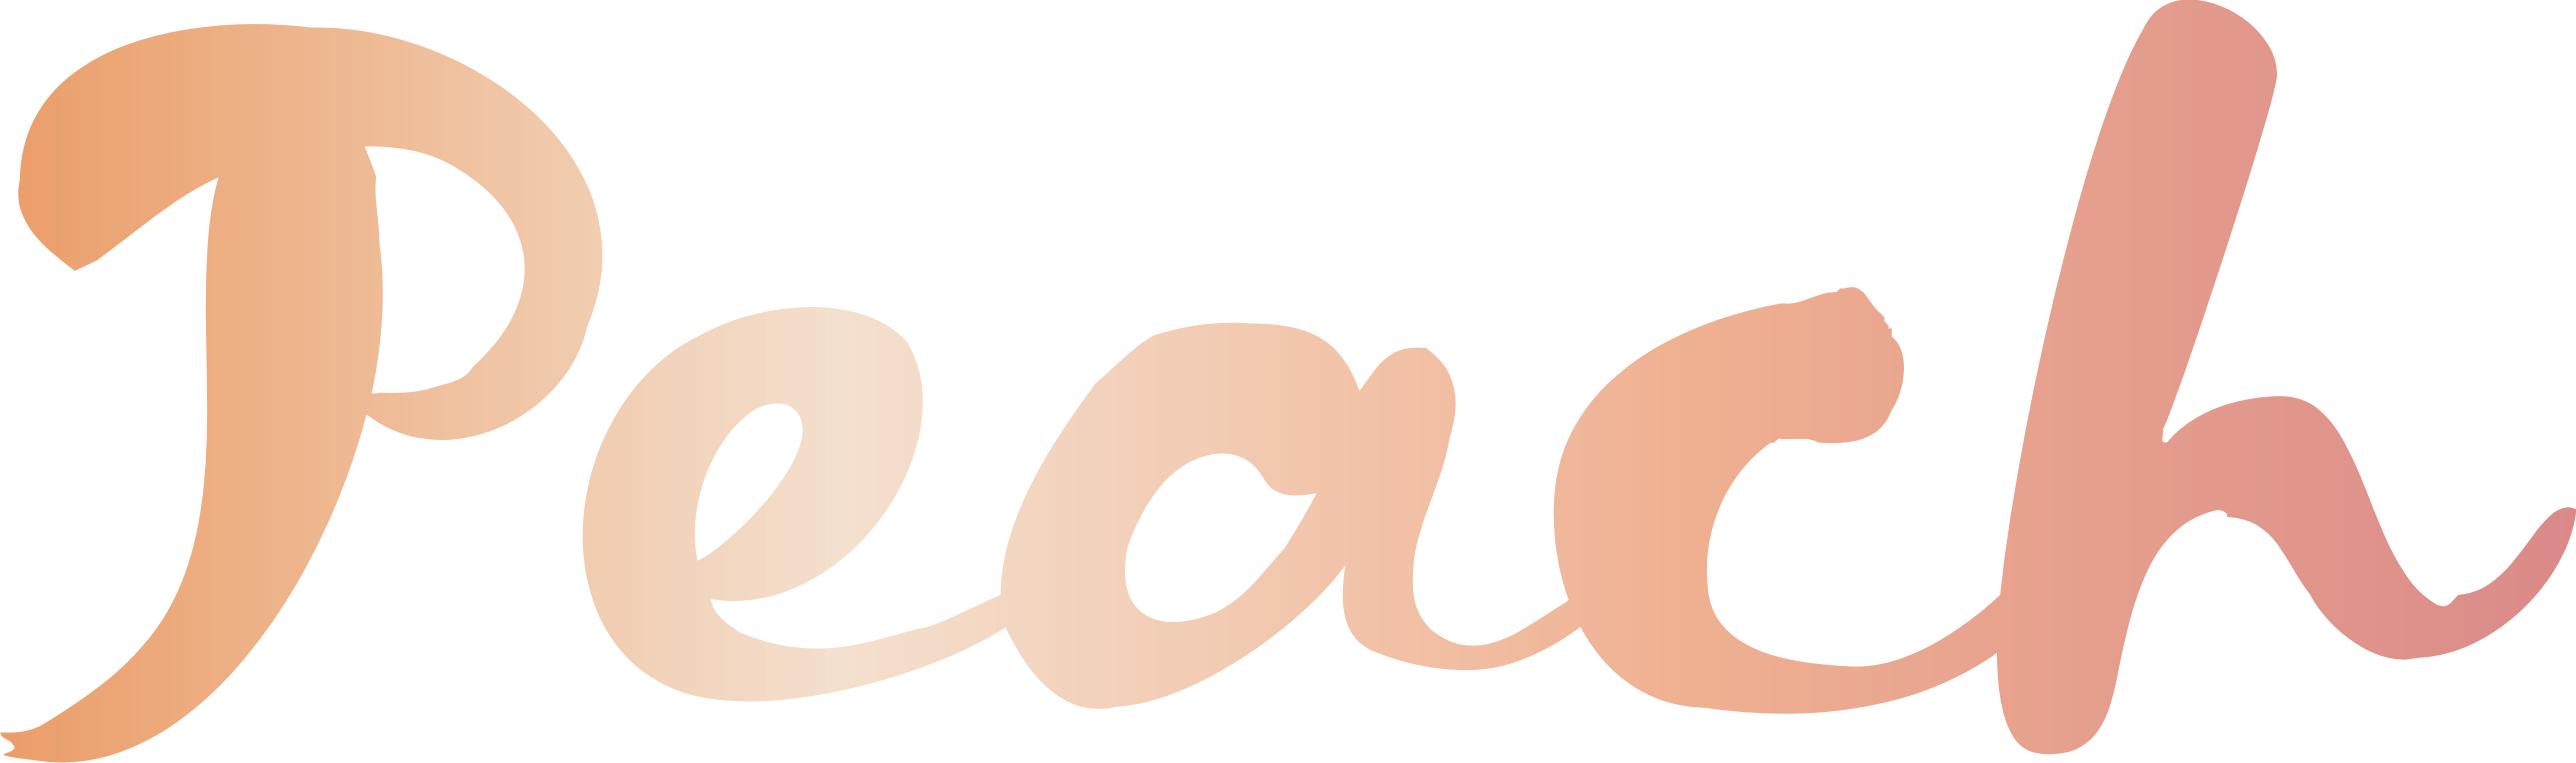 Разработка названия для линии декор. косметики фото f_15255febc2a52094.png